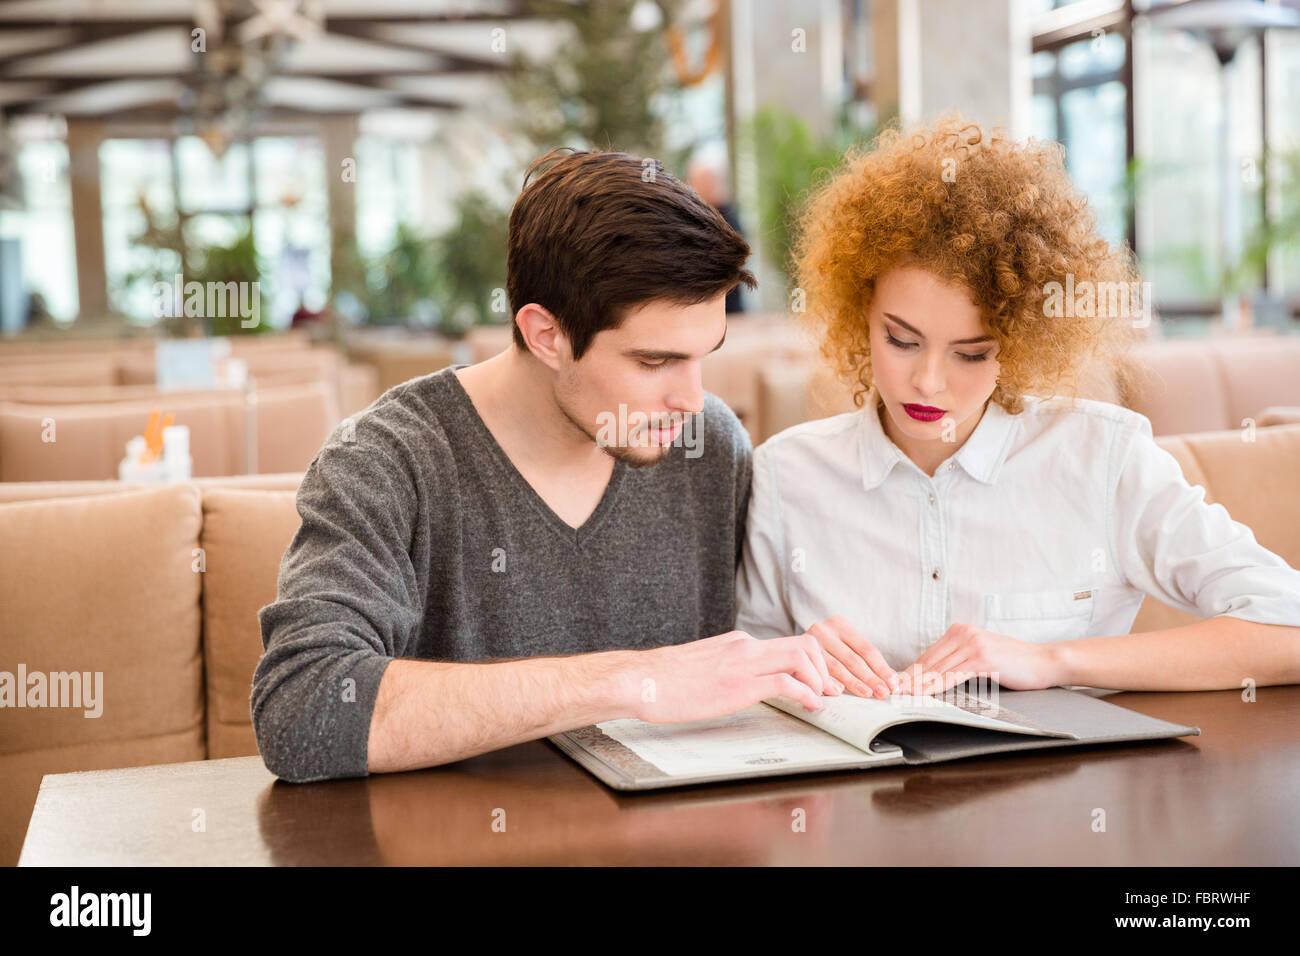 Retrato de una joven pareja leyendo menú en un restaurante Imagen De Stock